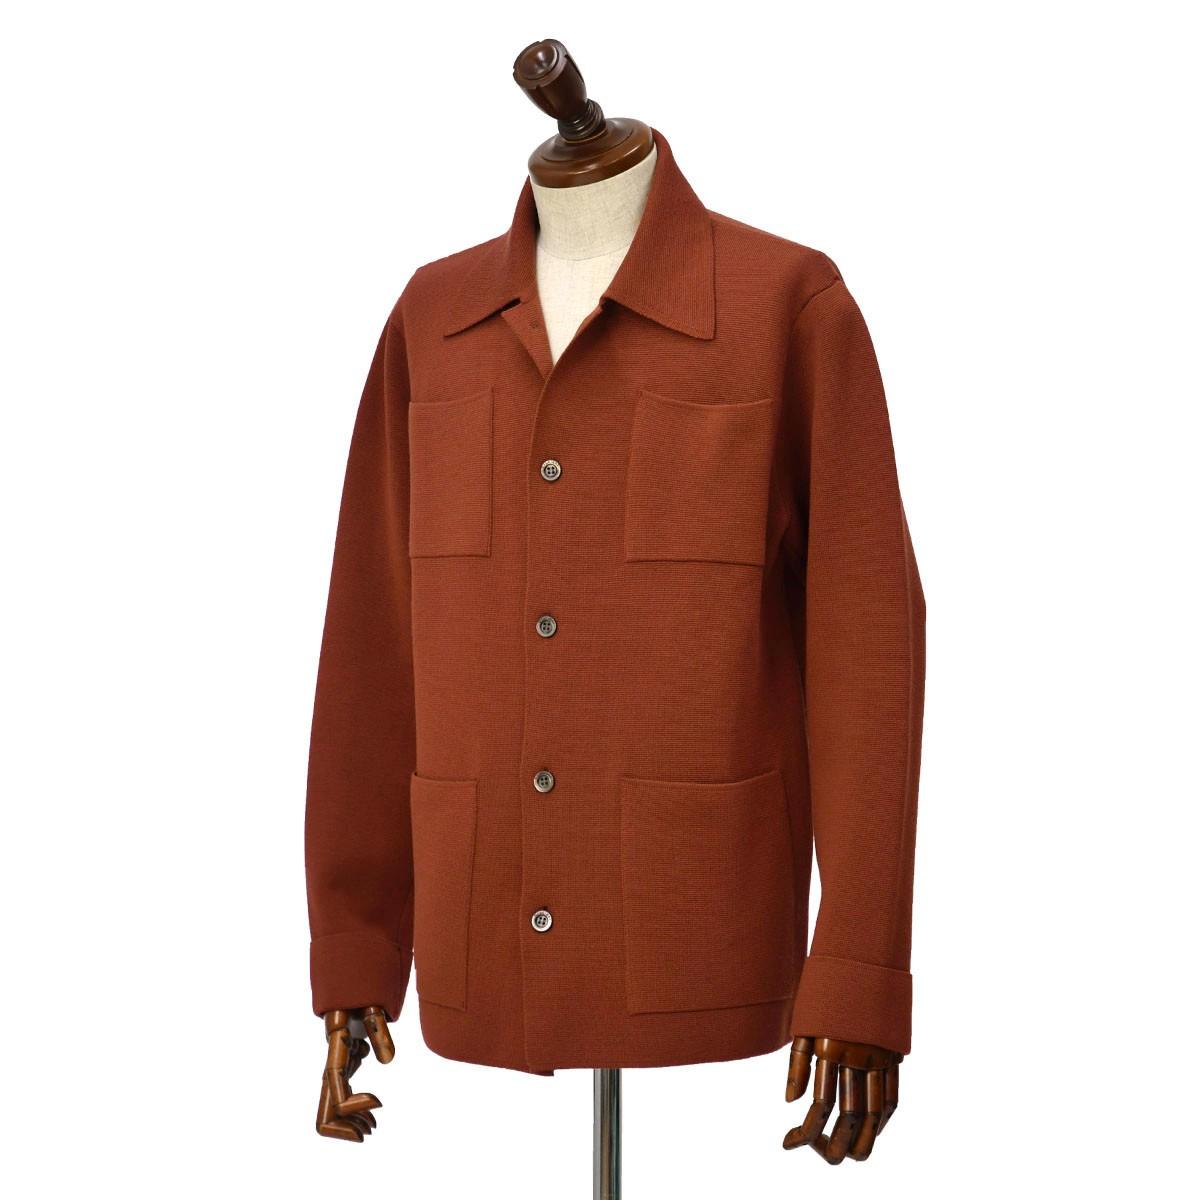 Cruciani【クルチアーニ】ミラノリブフィールドニットジャケットをご紹介致します。